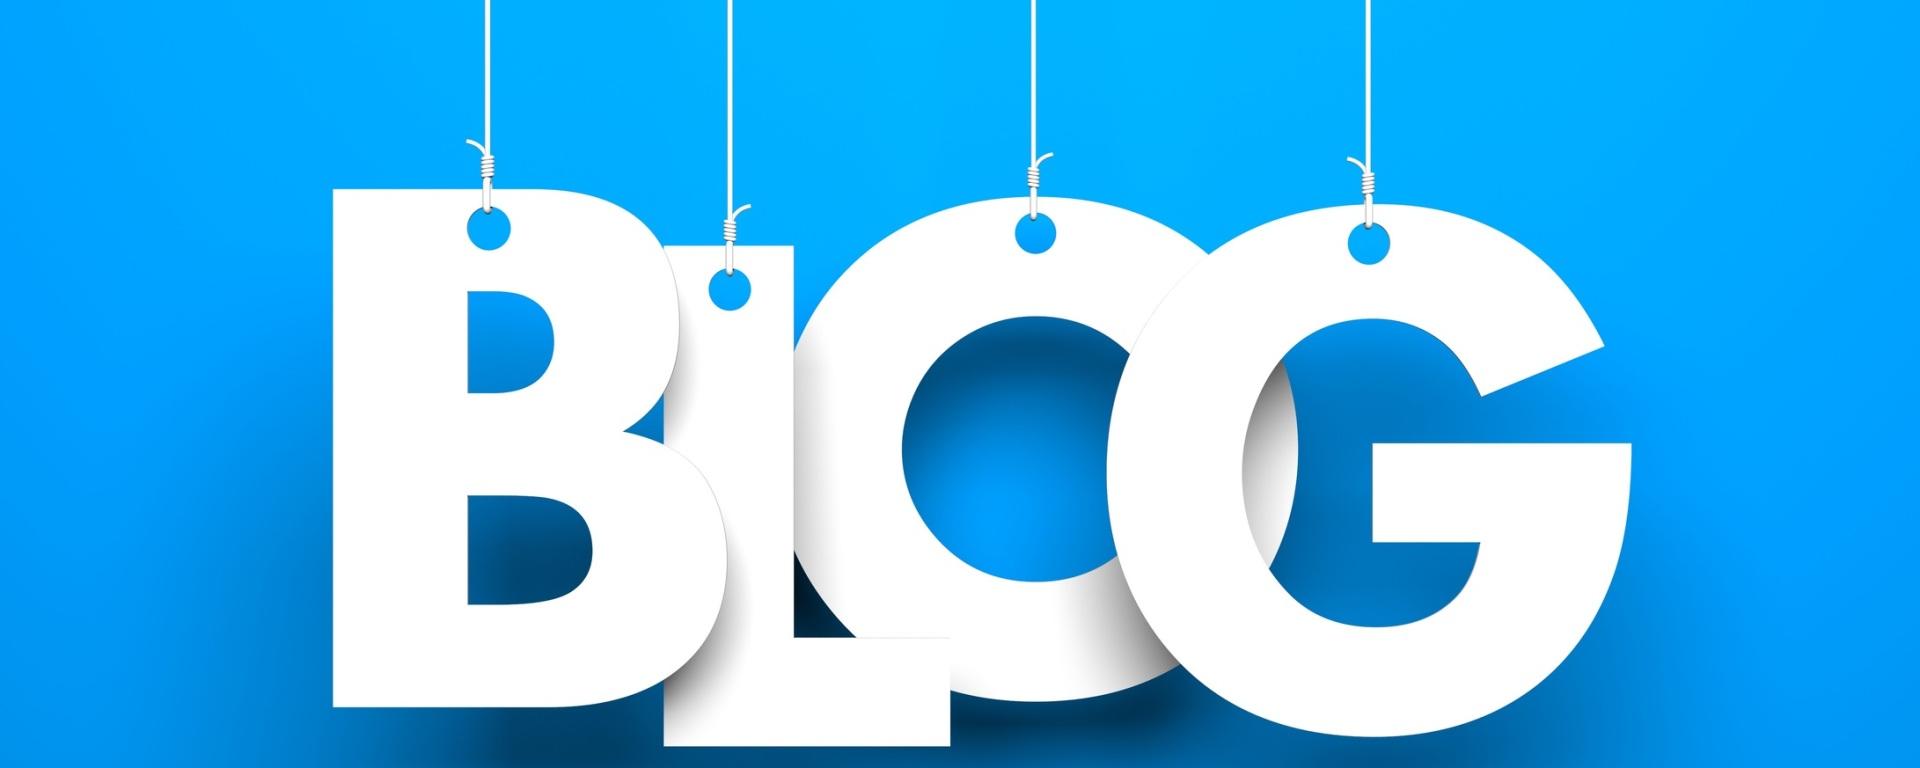 Longer blogs fro better SEO